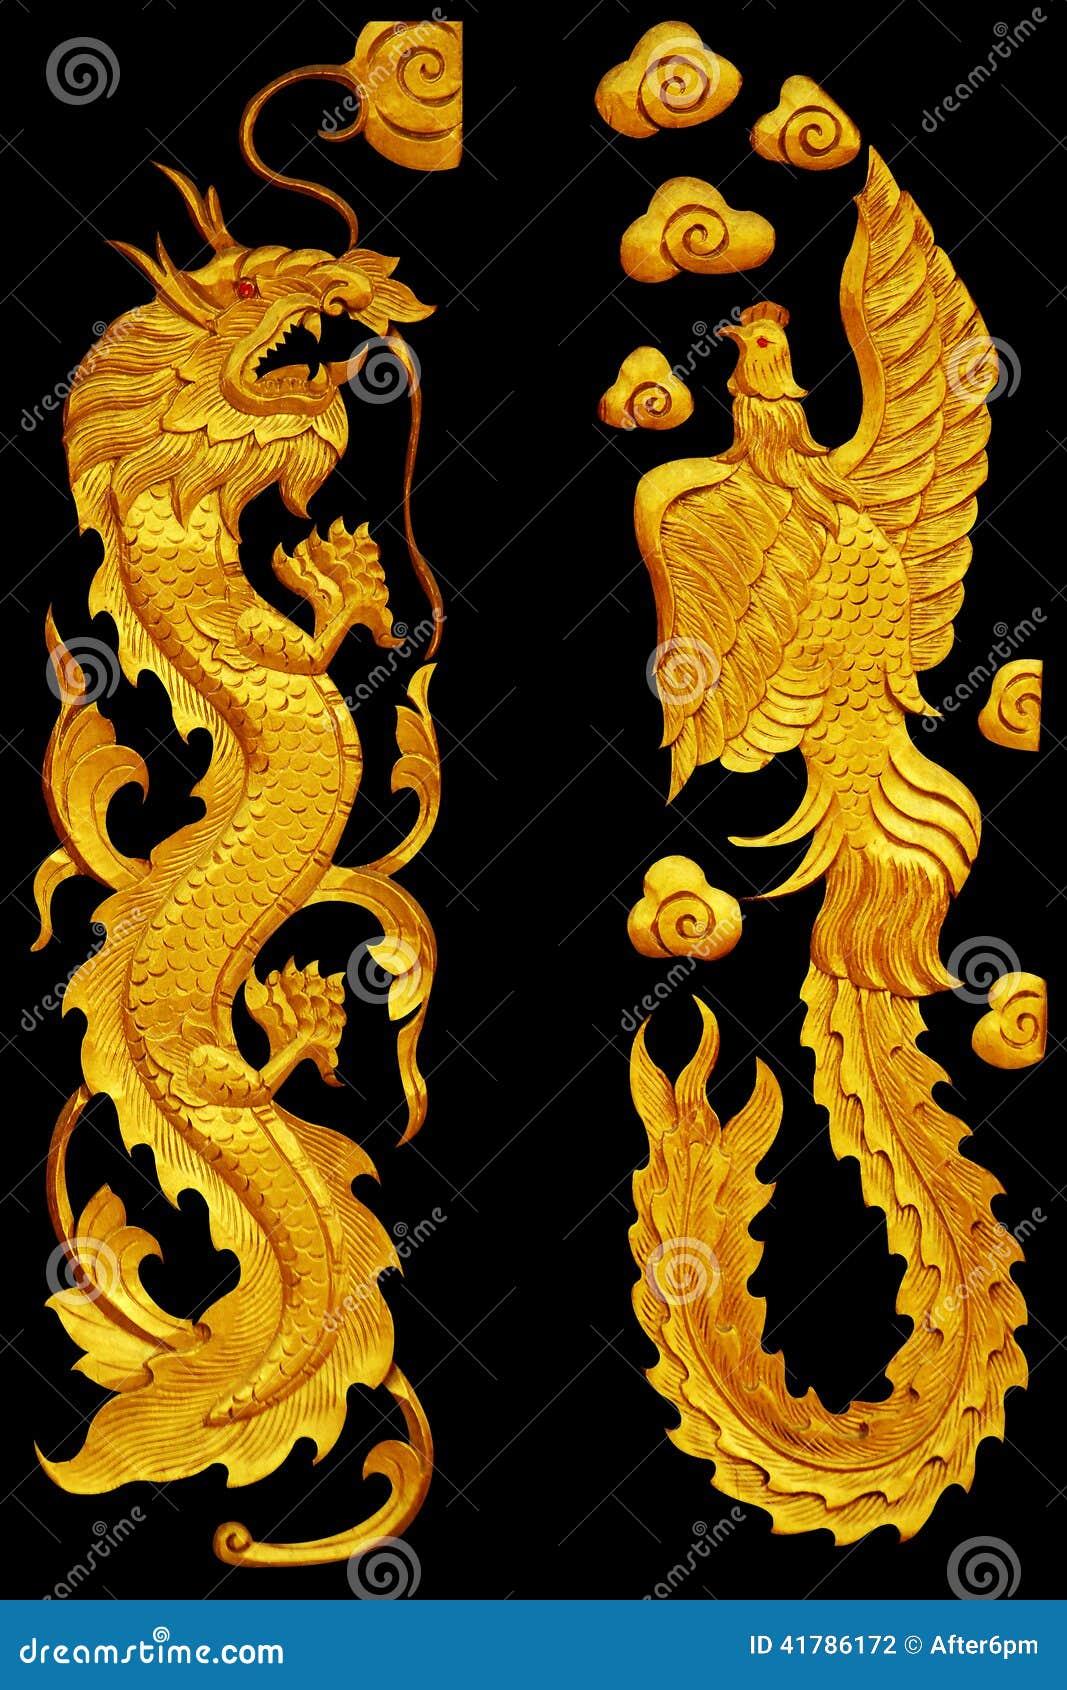 Ornamentelementen, uitstekende Gouden Dragonl en zwaanontwerpen